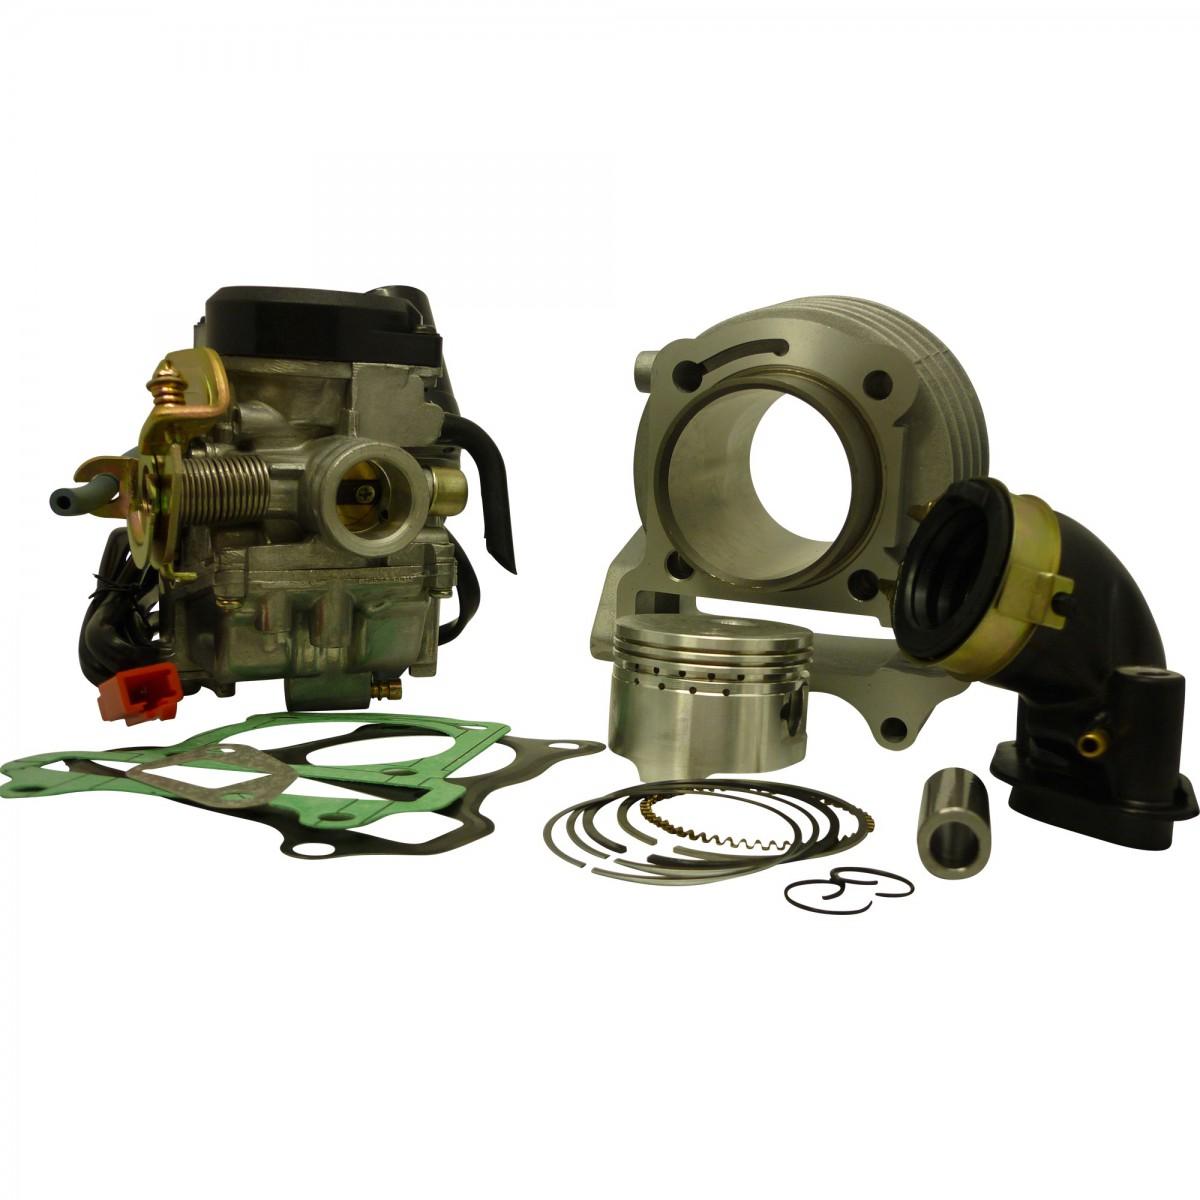 Tuning-Kit,80ccm Zylinder, 19mm-Vergaser+Ansaugstutzen